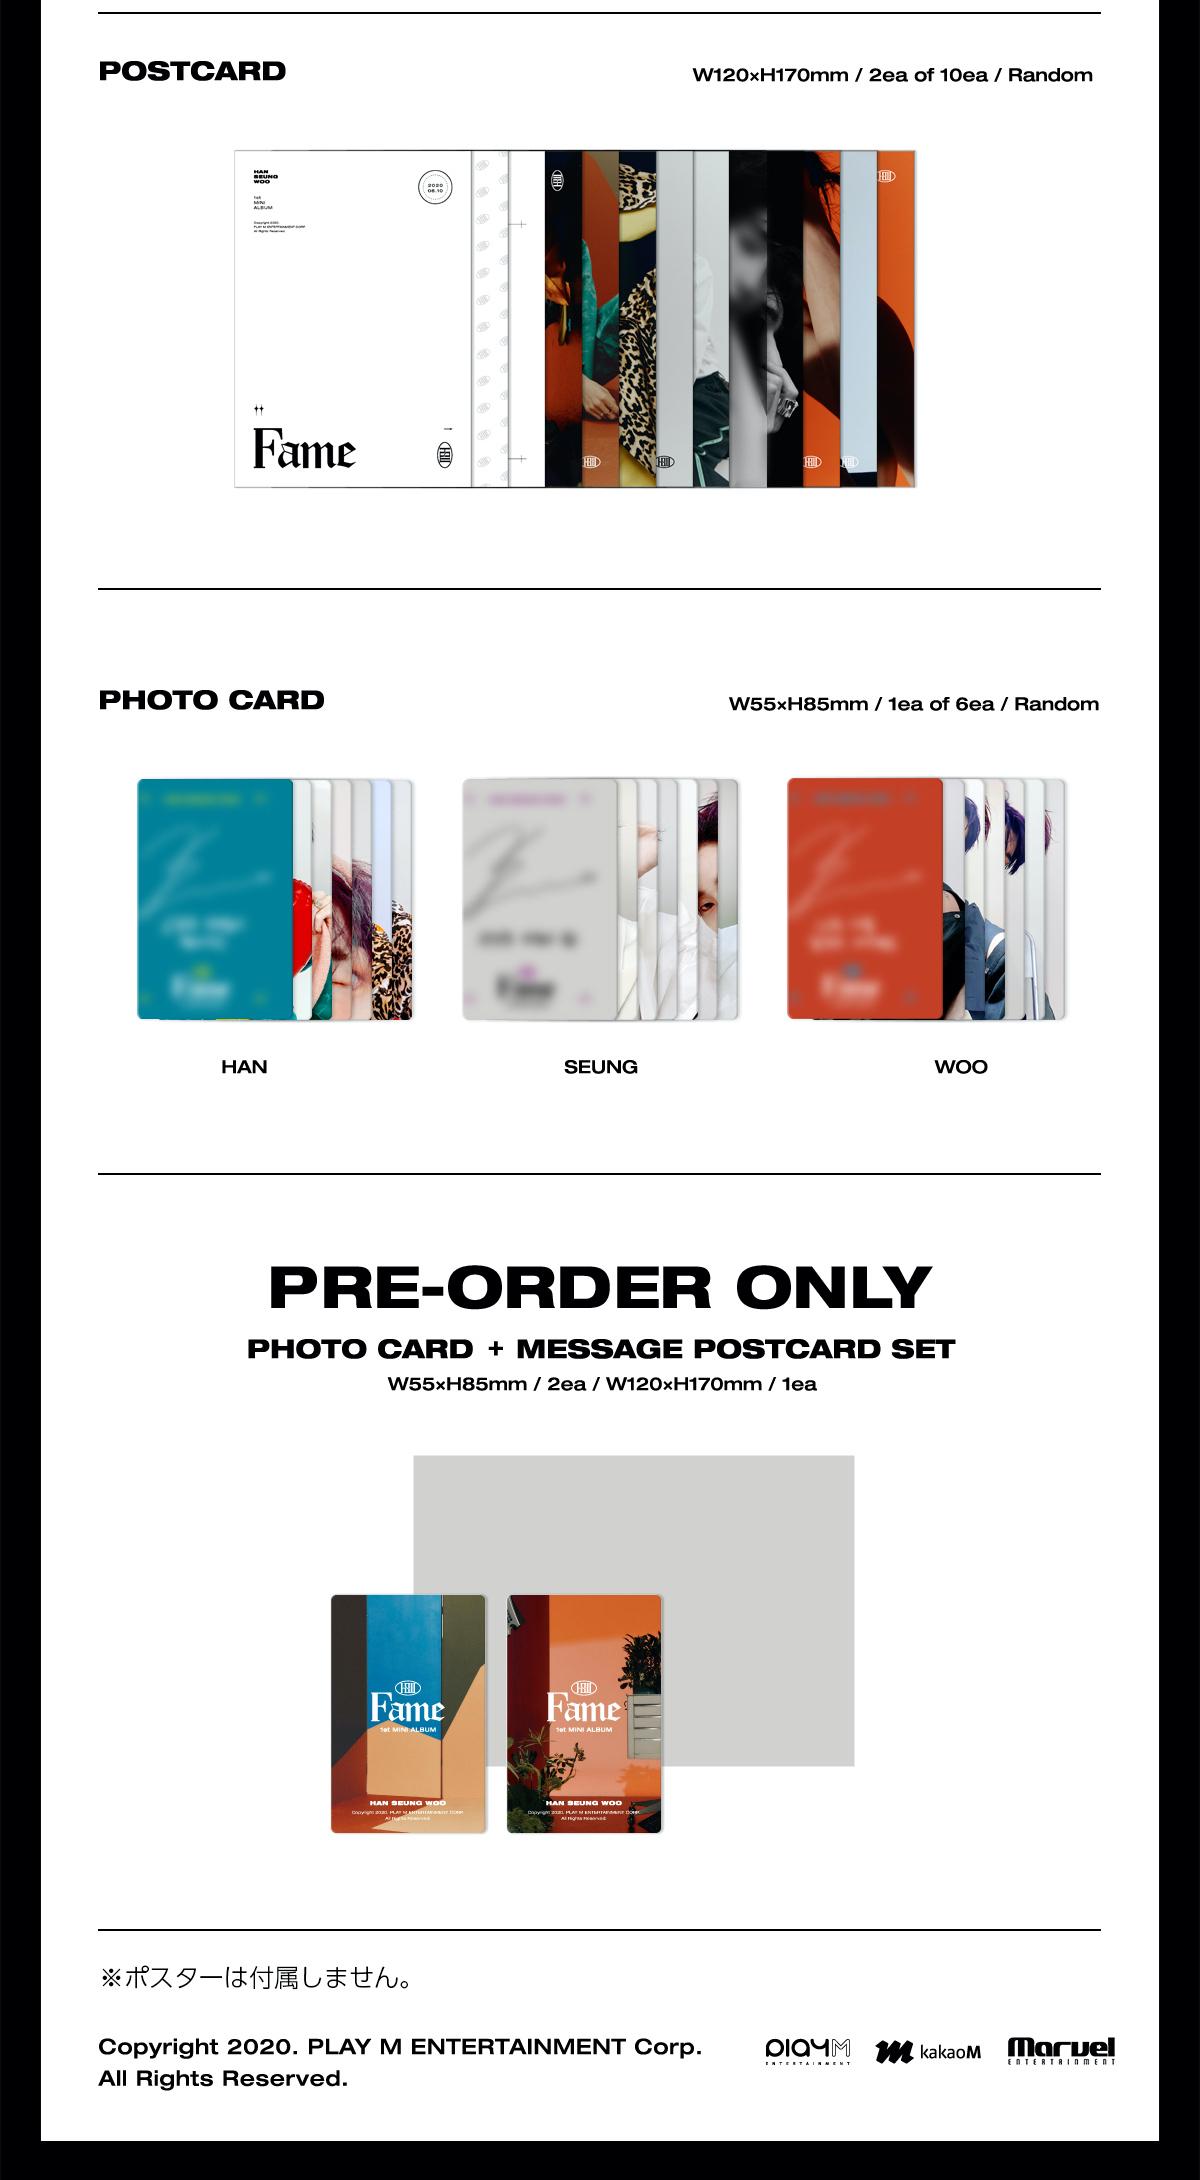 【3枚セット】ハン・スンウ 1st Mini Album『Fame』